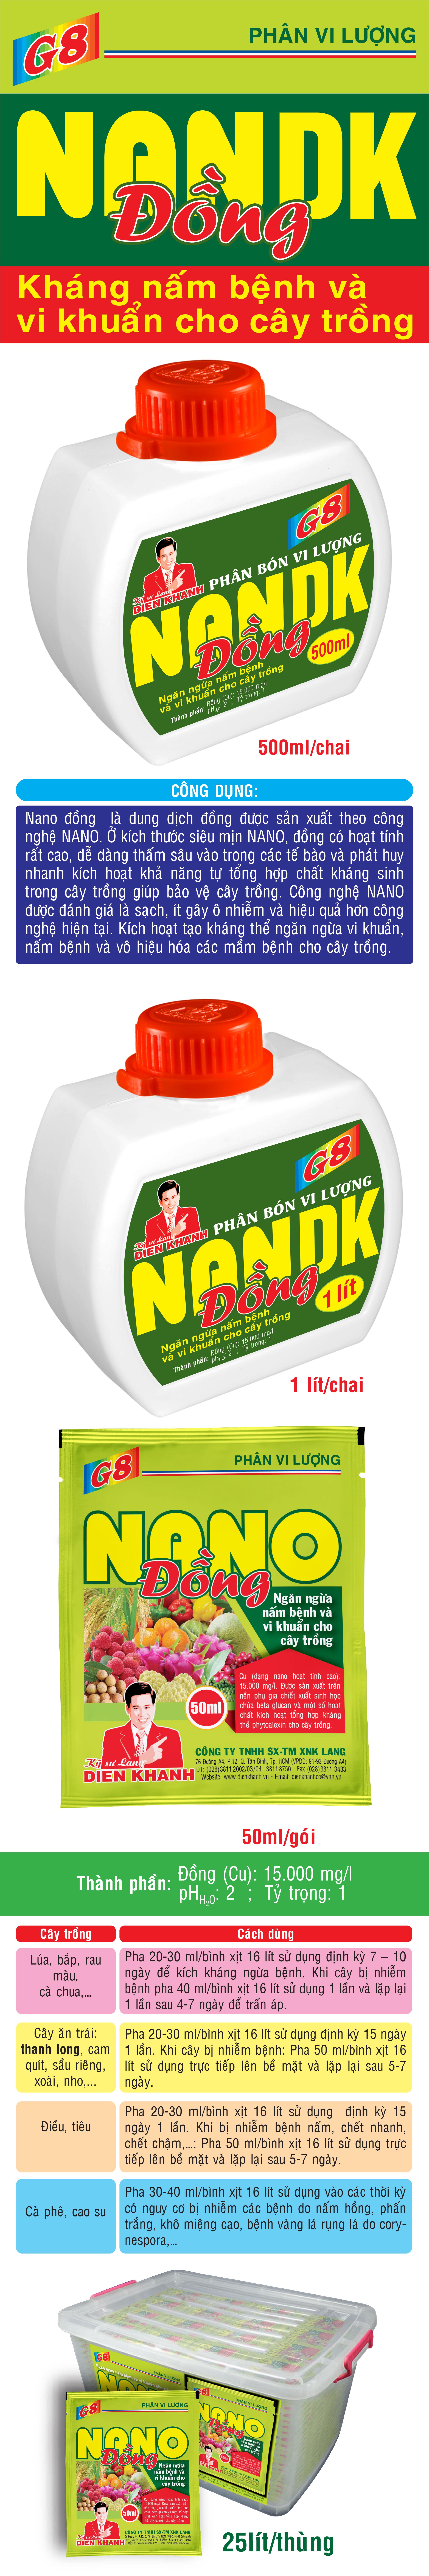 nano dong 50ml